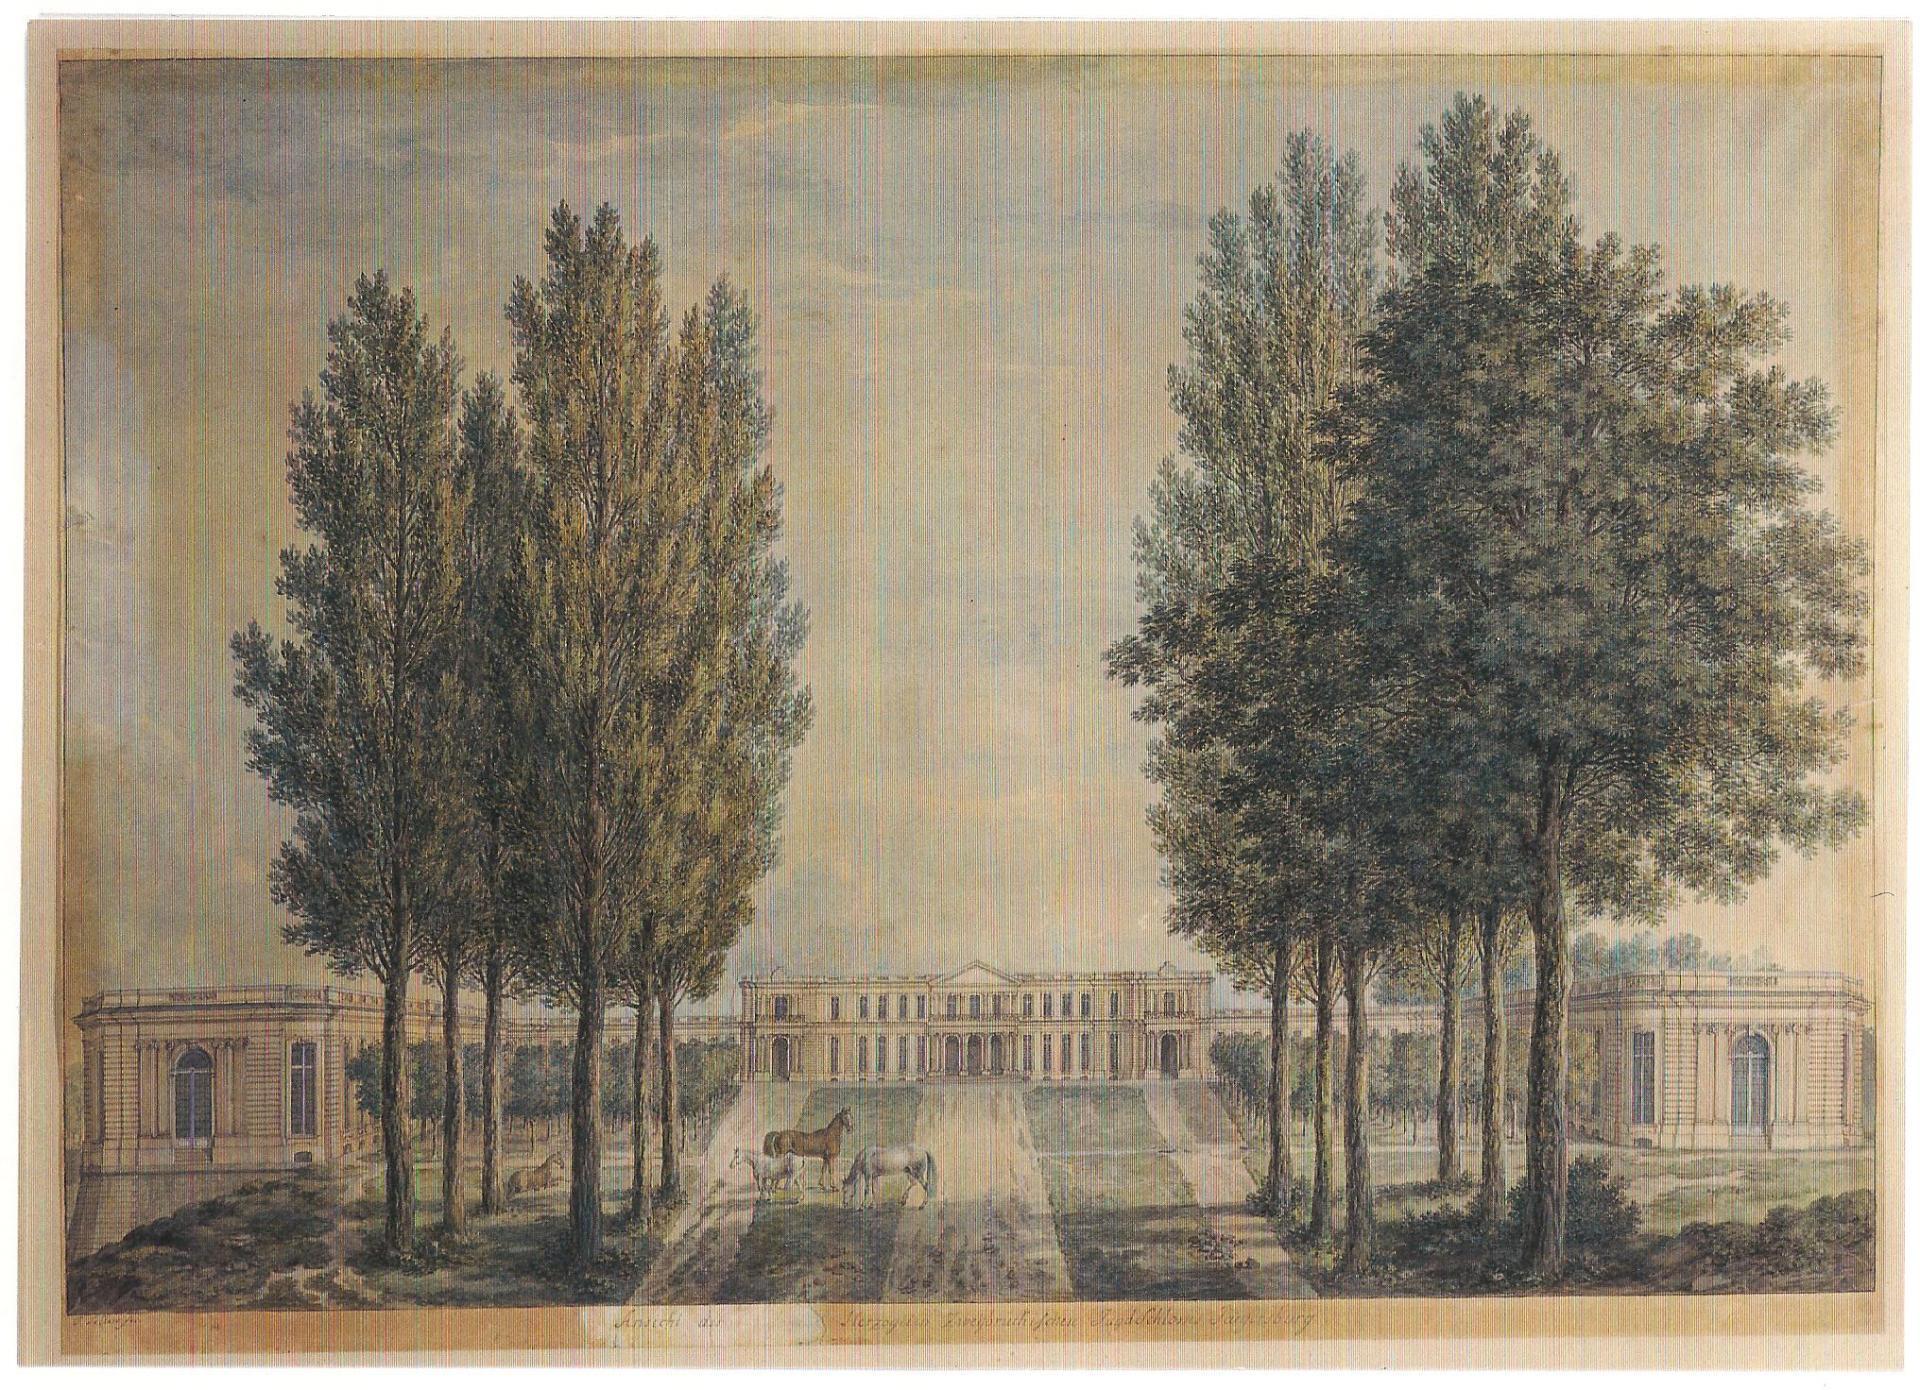 Philipp Adolf Leclerc, Le chateau de Jägersburg du côté de l'allée centrale, 1786, Spire